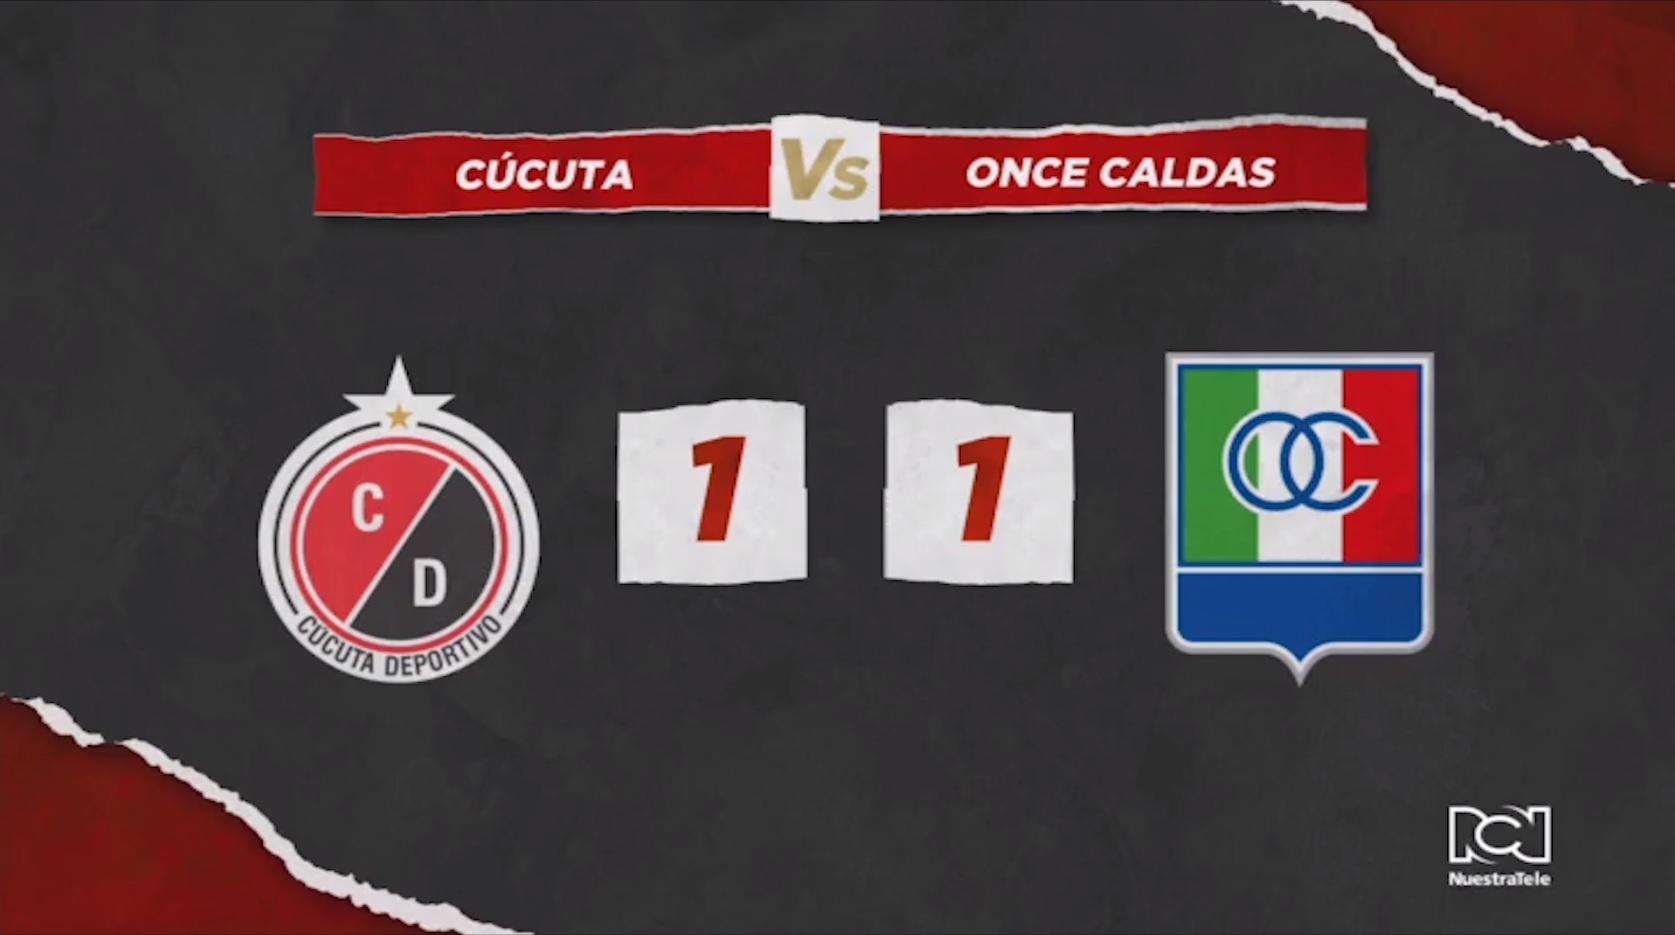 Cúcuta Deportivo Vs Once Caldas